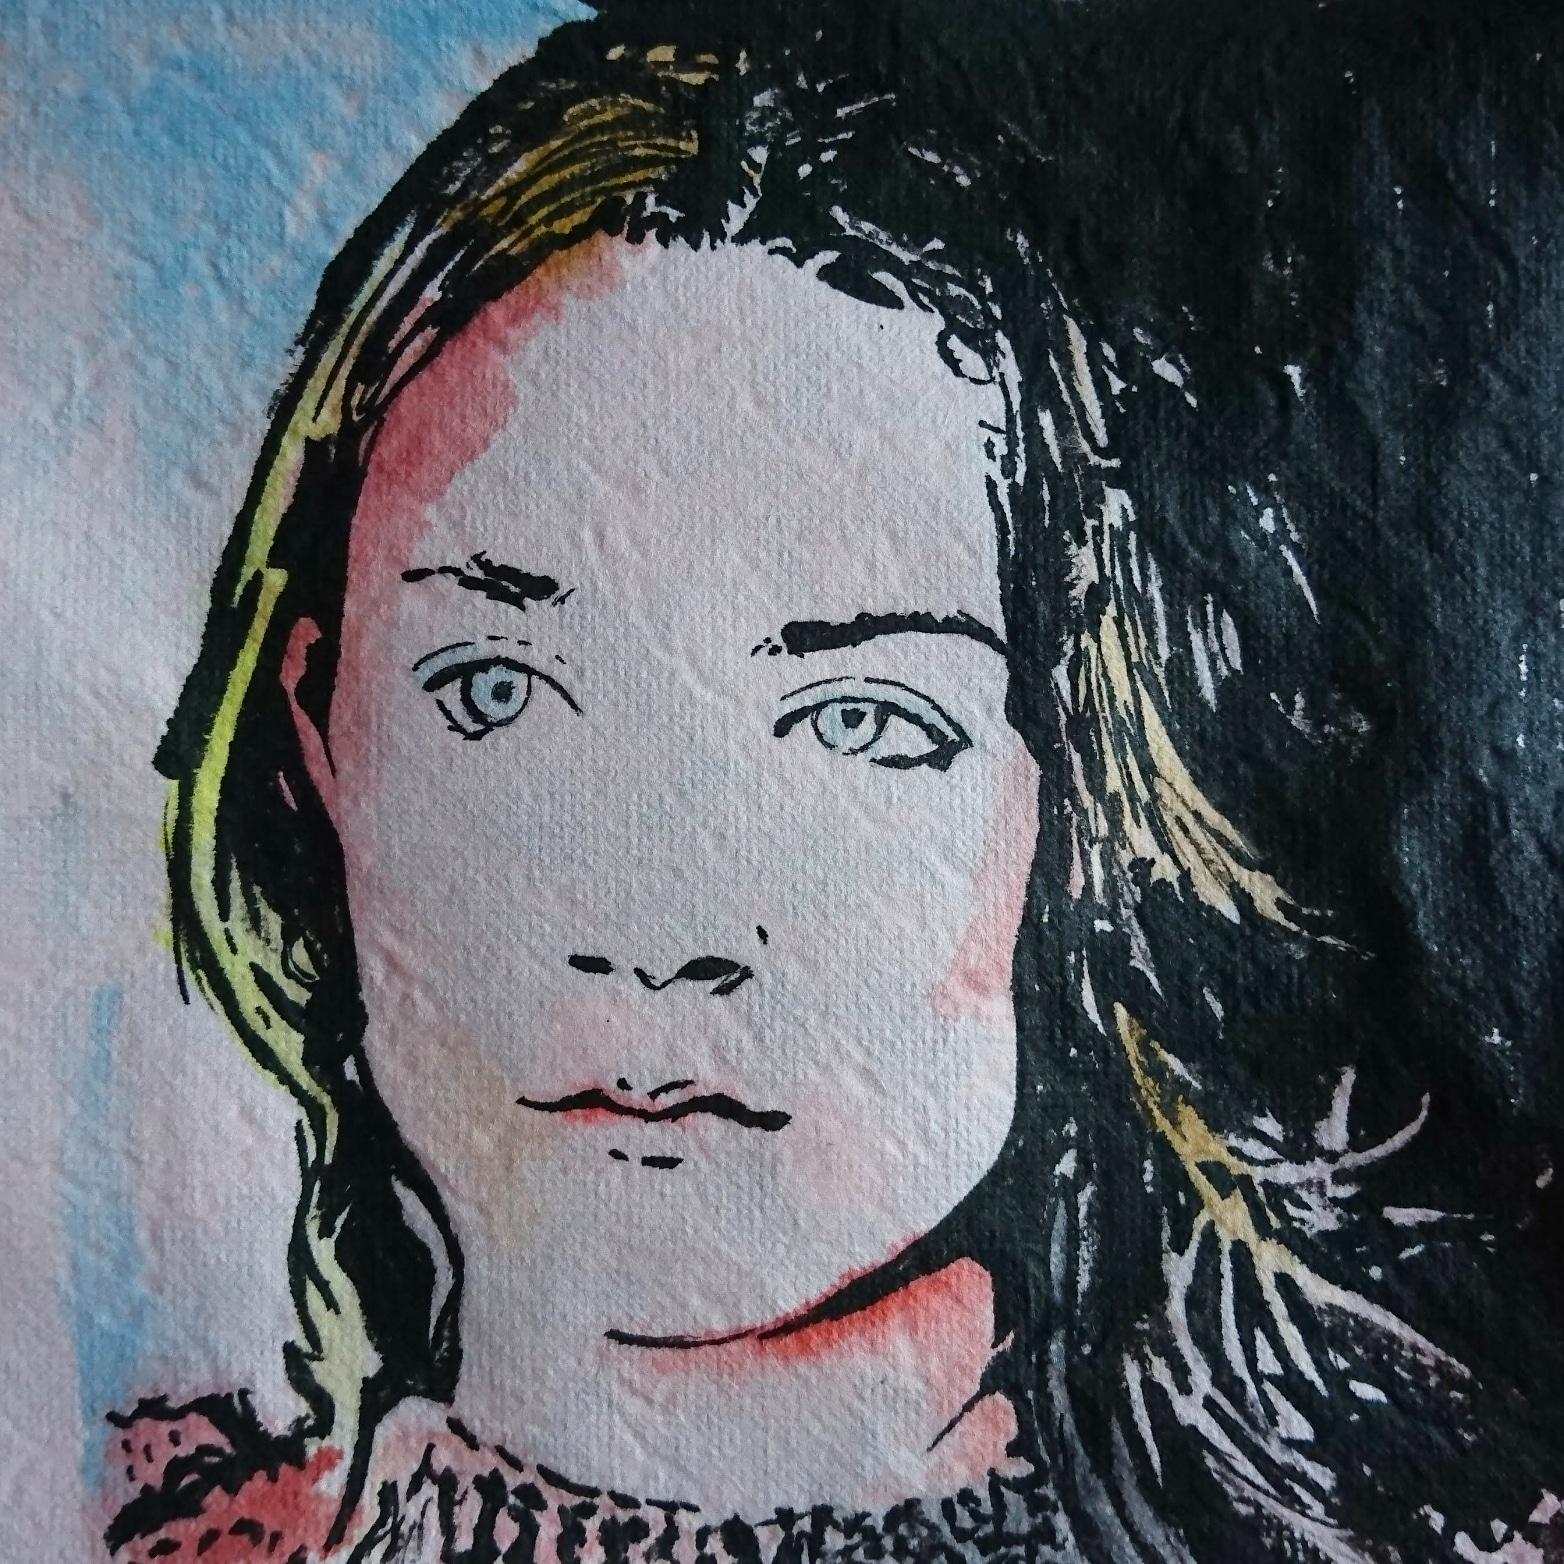 Saoirse Ronan, actress